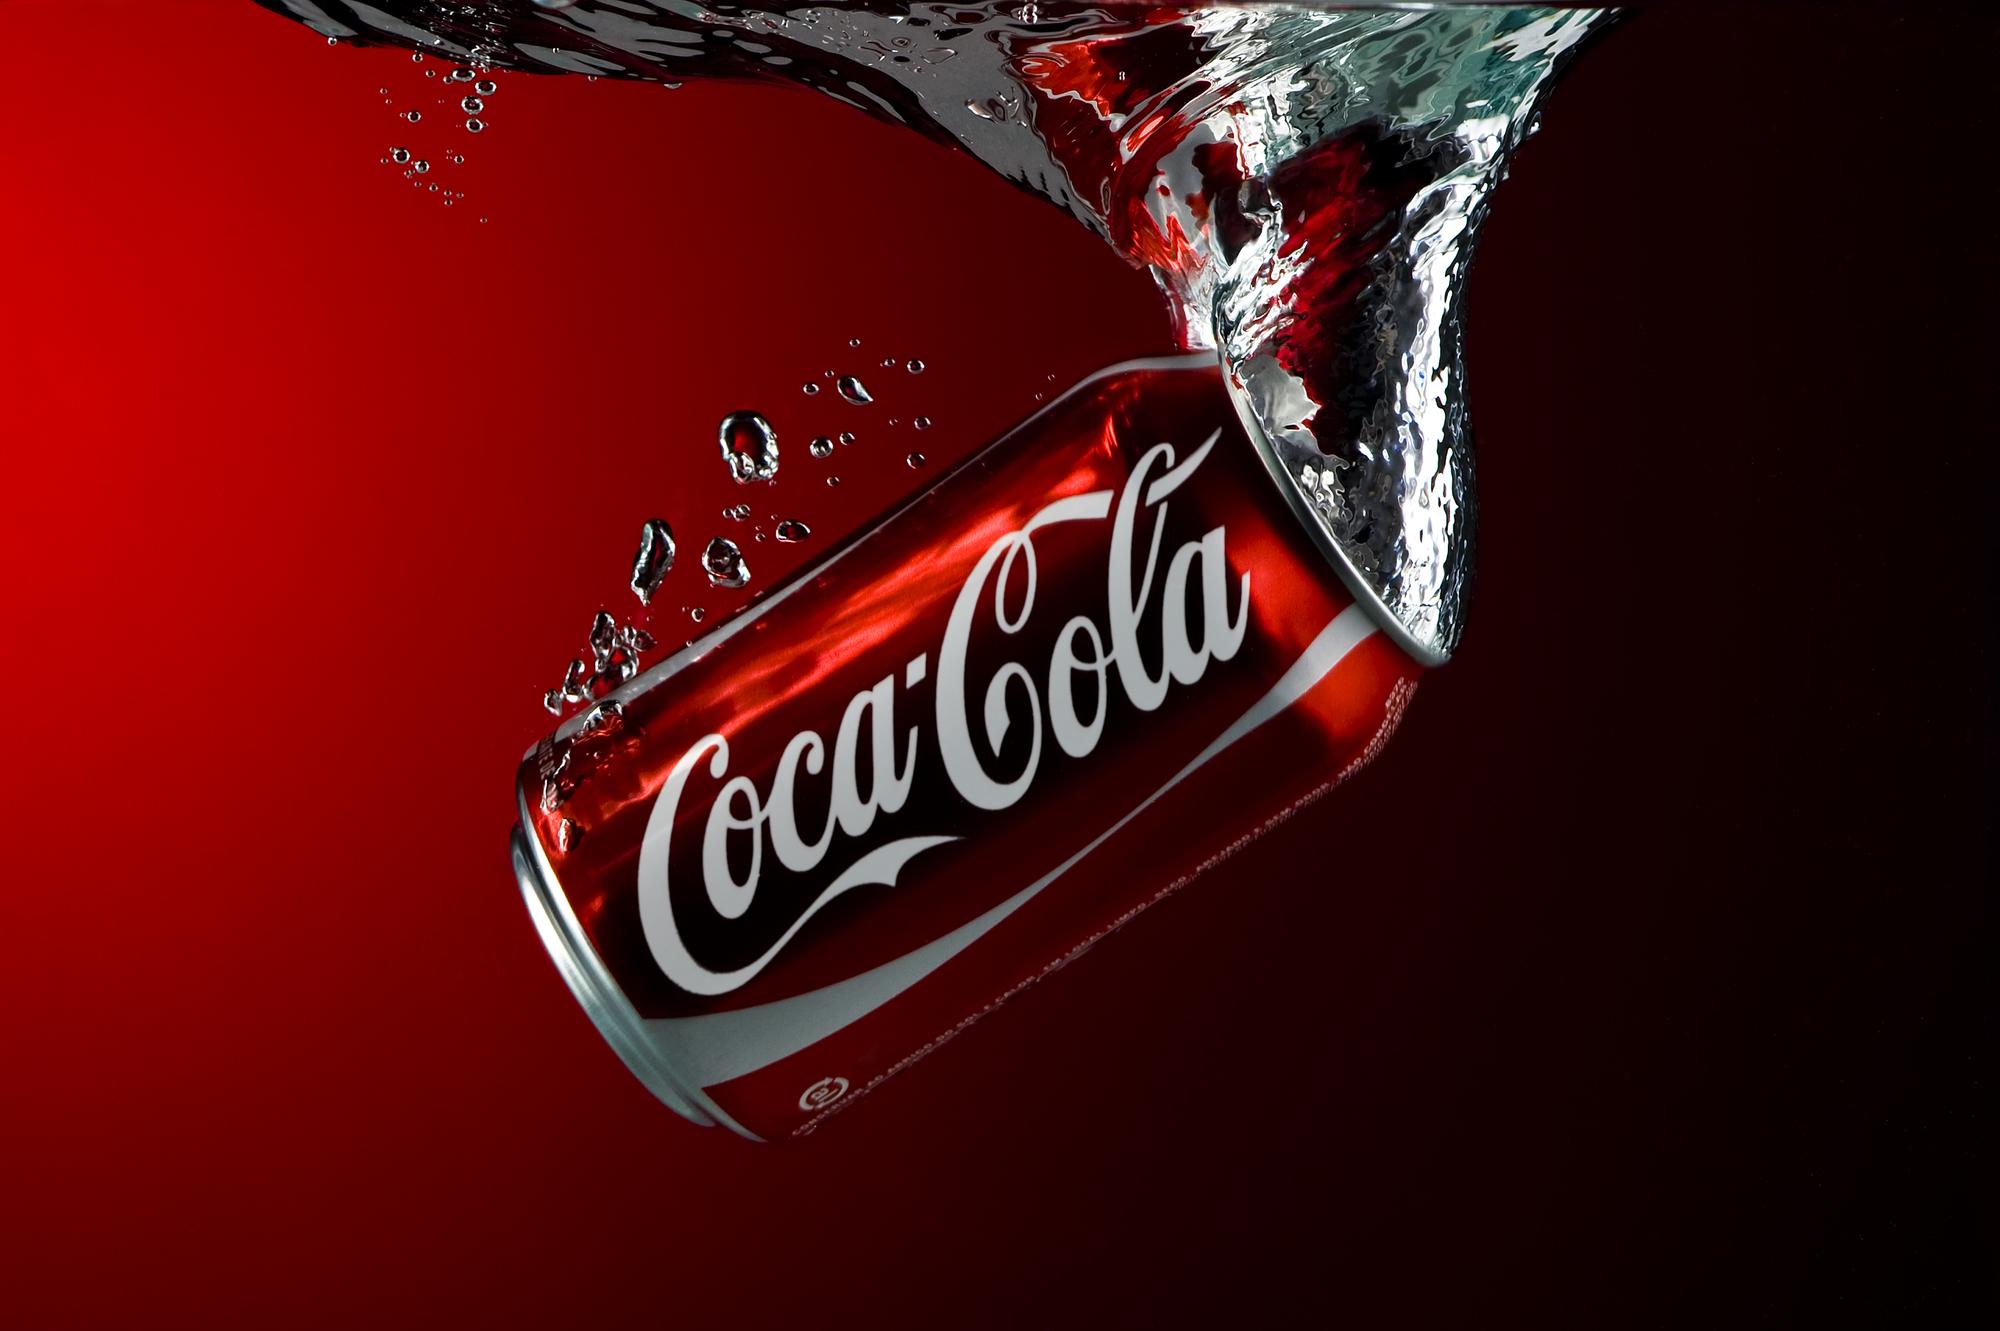 Requisitos-para-entrar-a-la-coca-cola-3